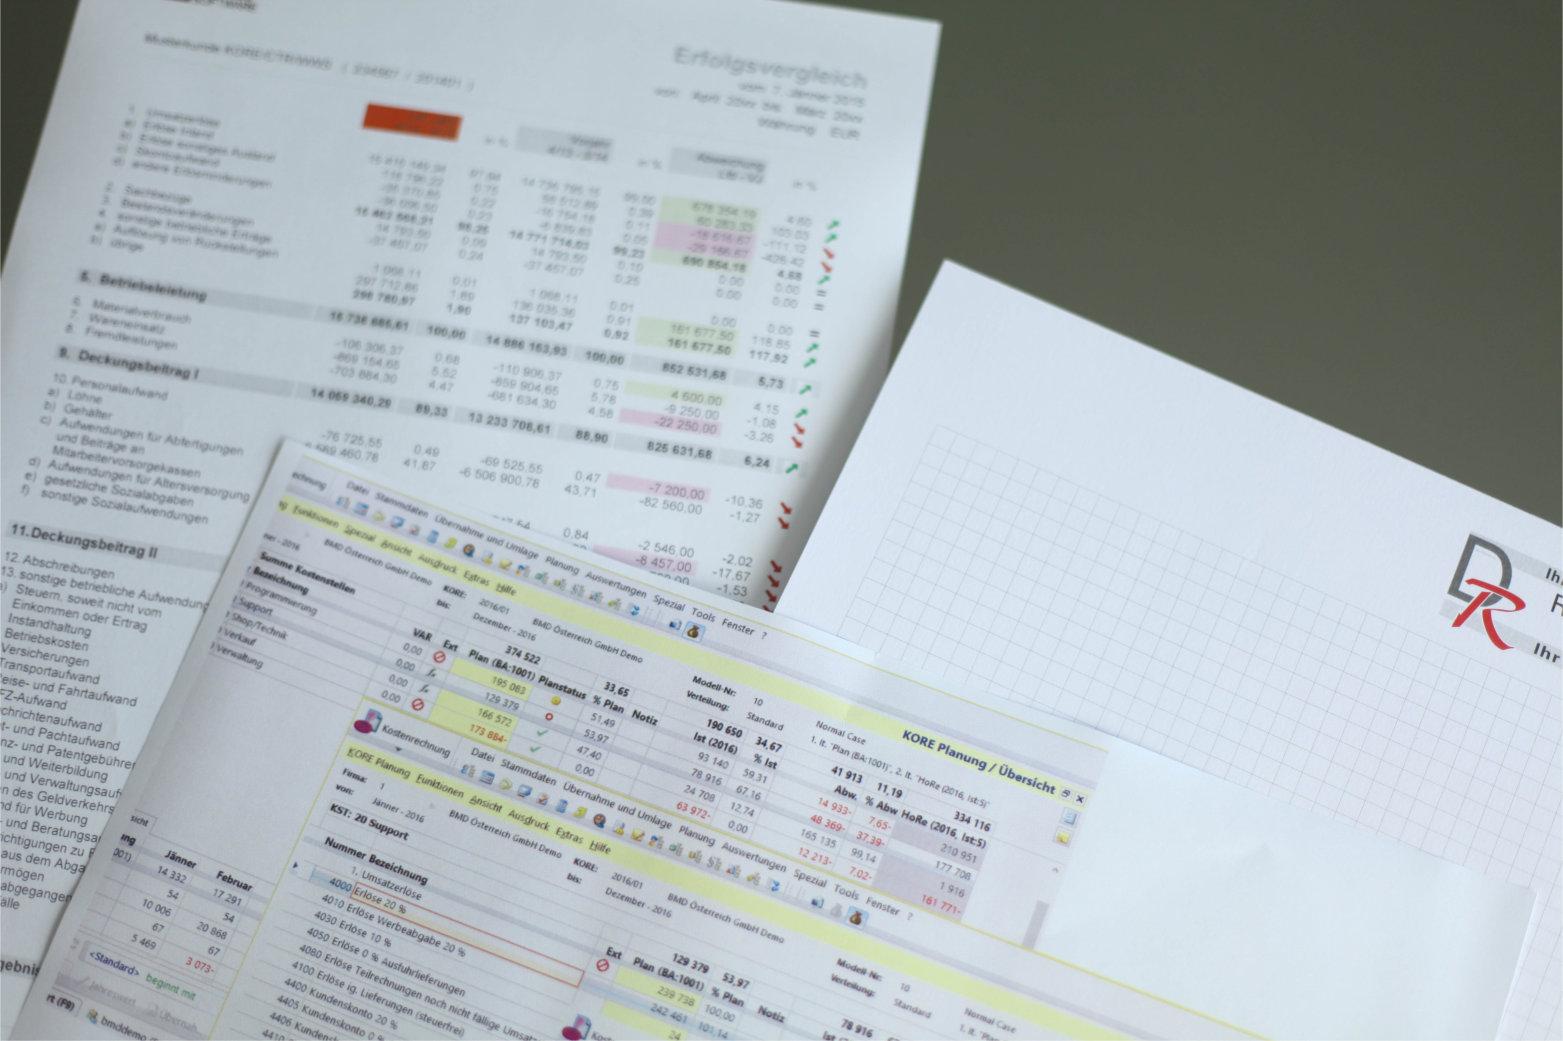 Daxboeck_leistungen_kostenrechnung